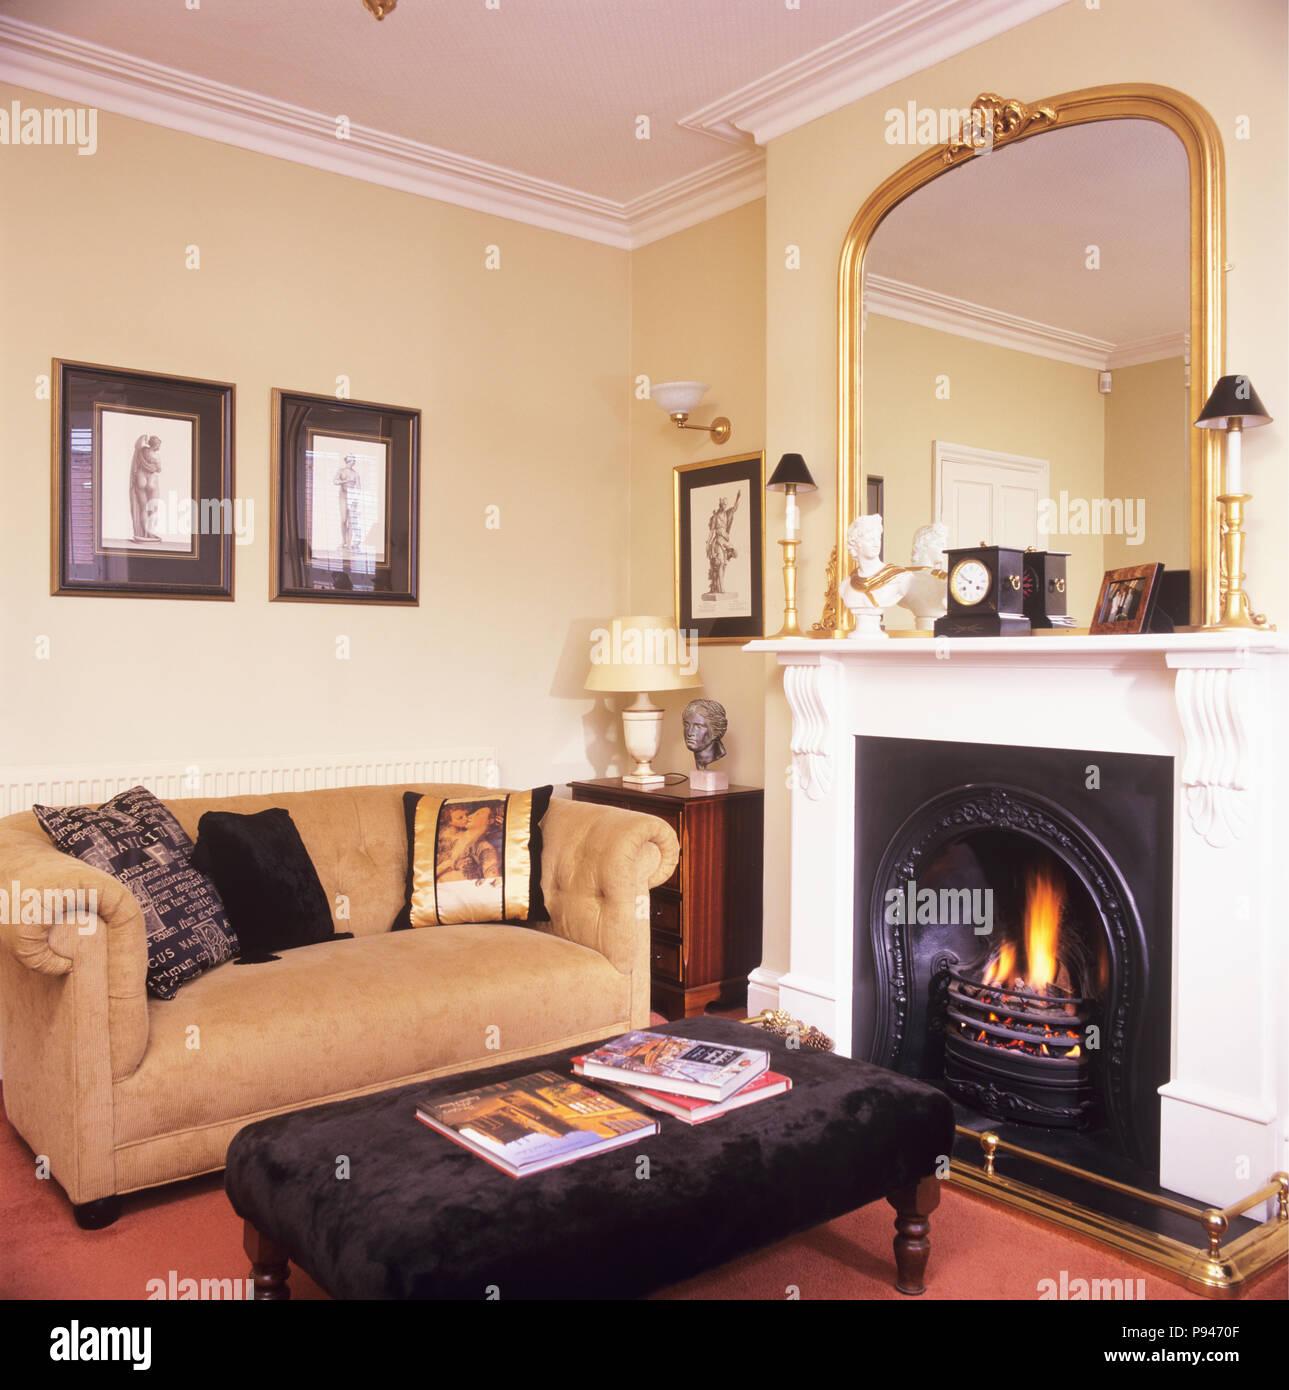 Creme Chesterfield Sofa In Traditionellen Wohnzimmer Mit Spiegel